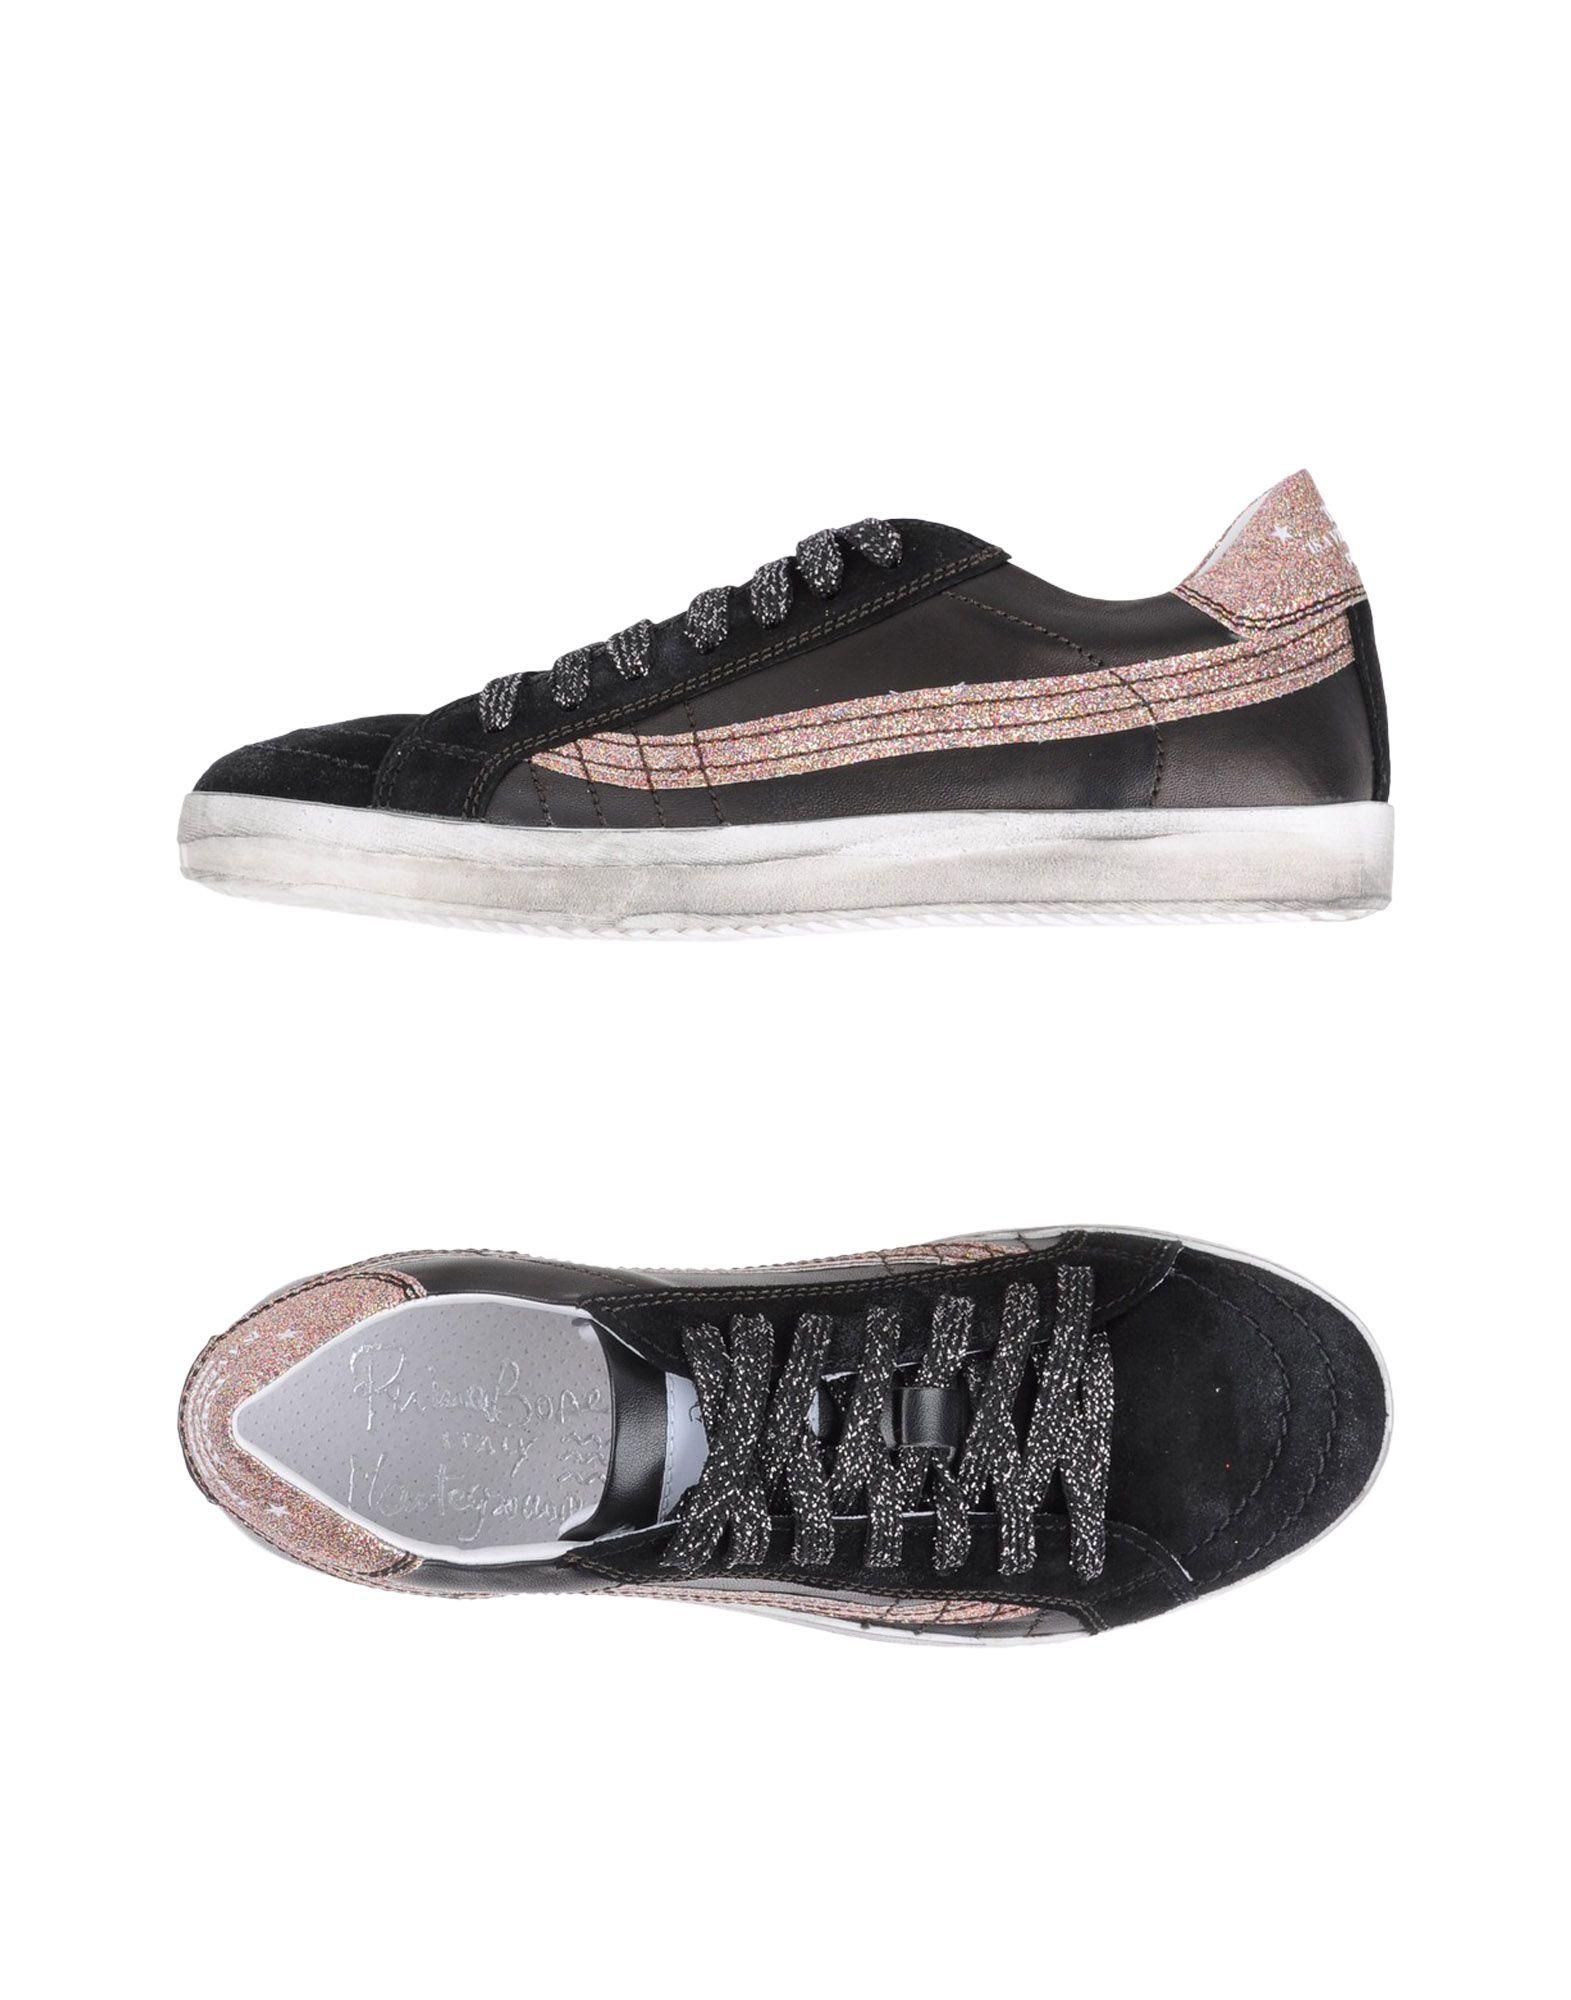 Primabase Sneakers Damen beliebte  11332984VJ Gute Qualität beliebte Damen Schuhe dbe353